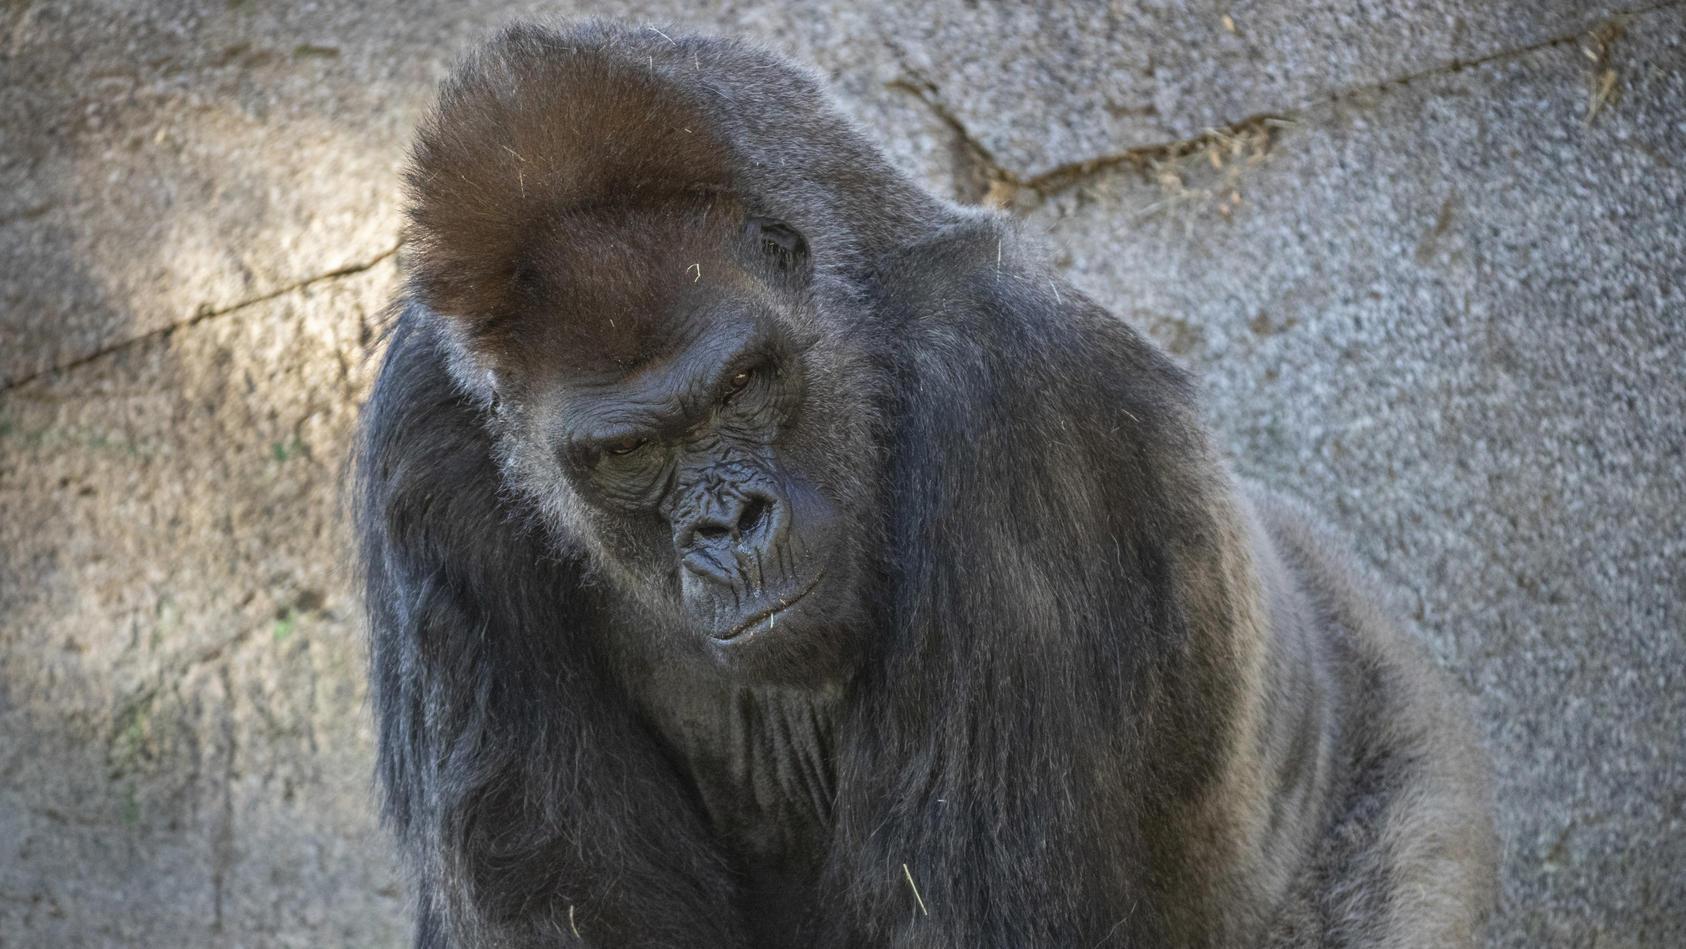 Älterer Gorilla erholt sich dank Therapie von Corona-Infektion